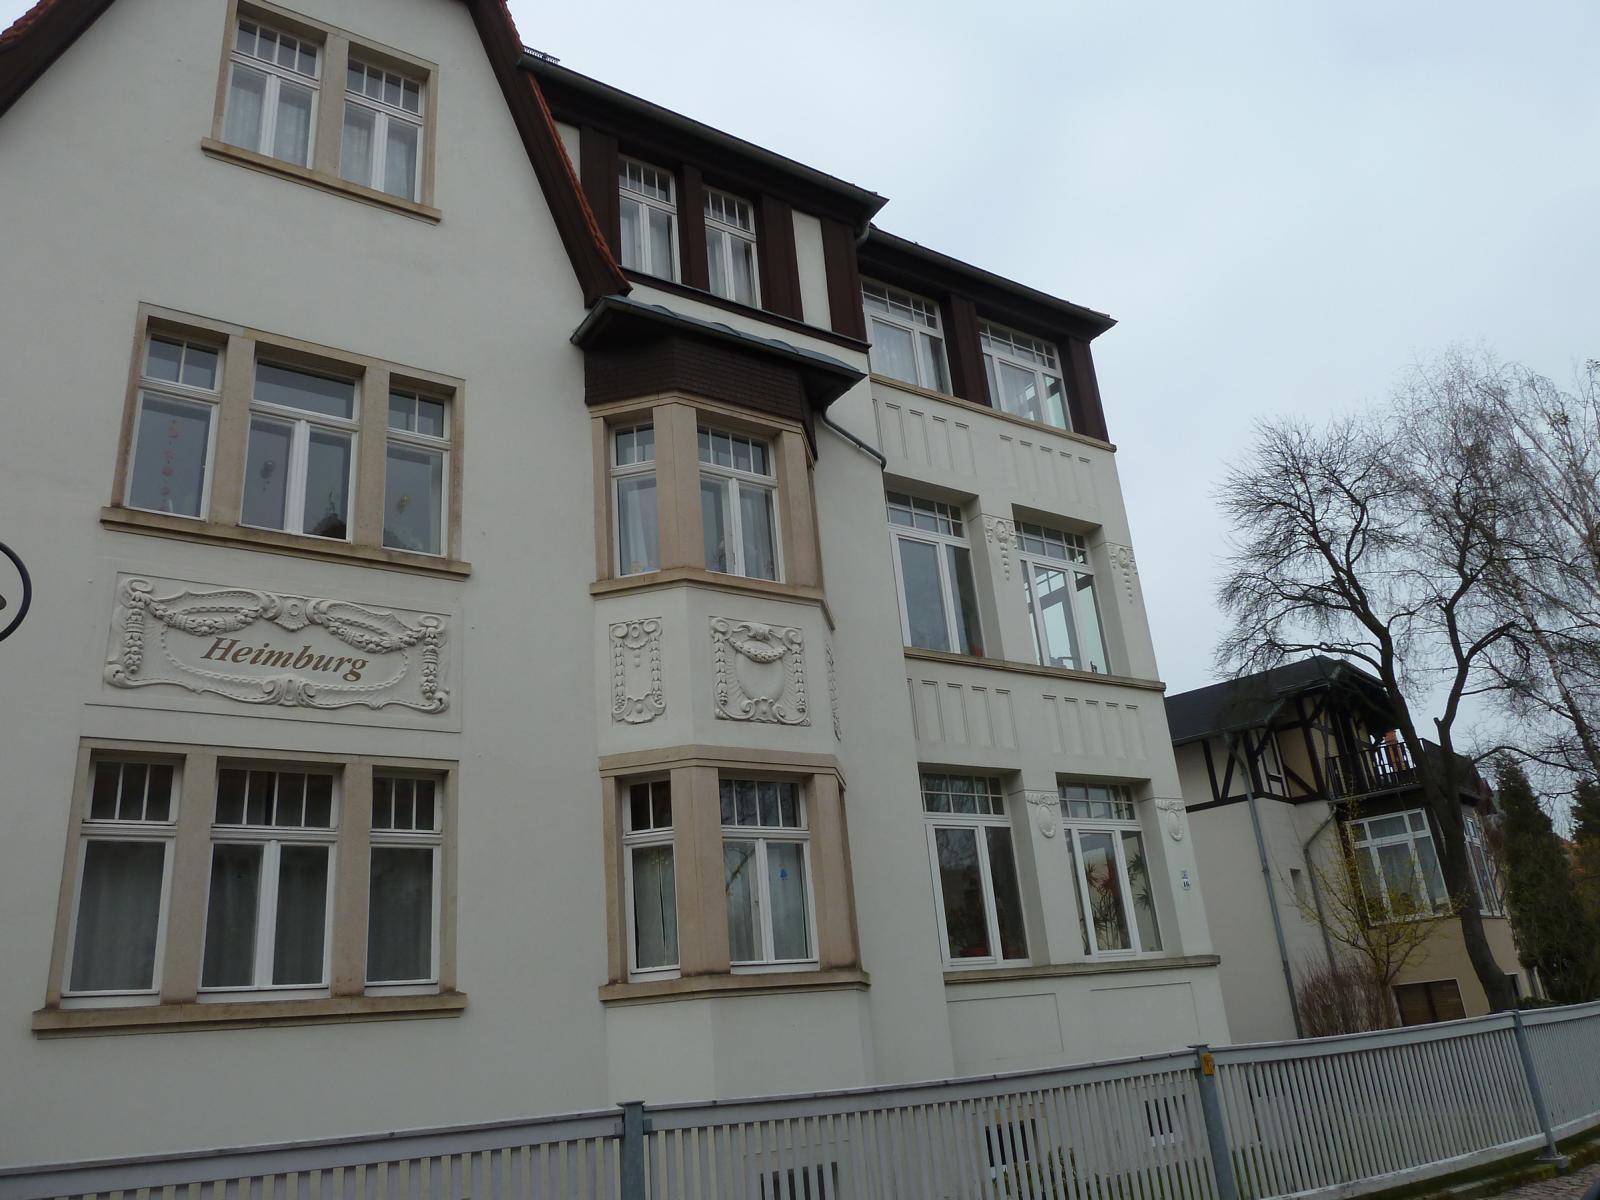 Fensterrestauration